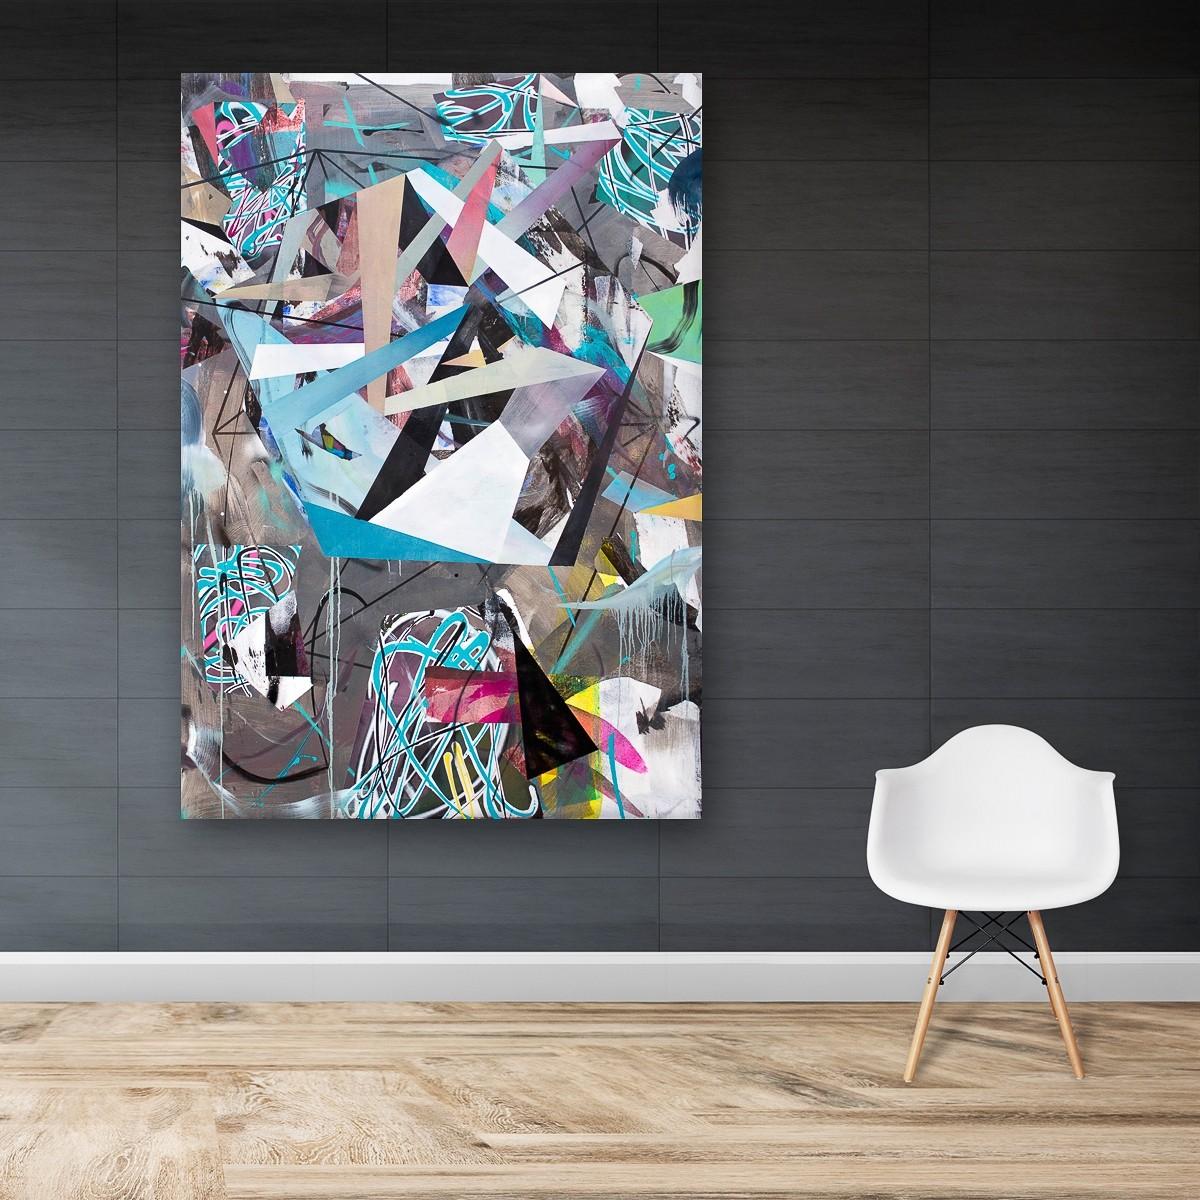 O.T. 06, Malerei von Malwin Faber, Öl, Acryl und Sprühfarbe auf Leinwand - 03